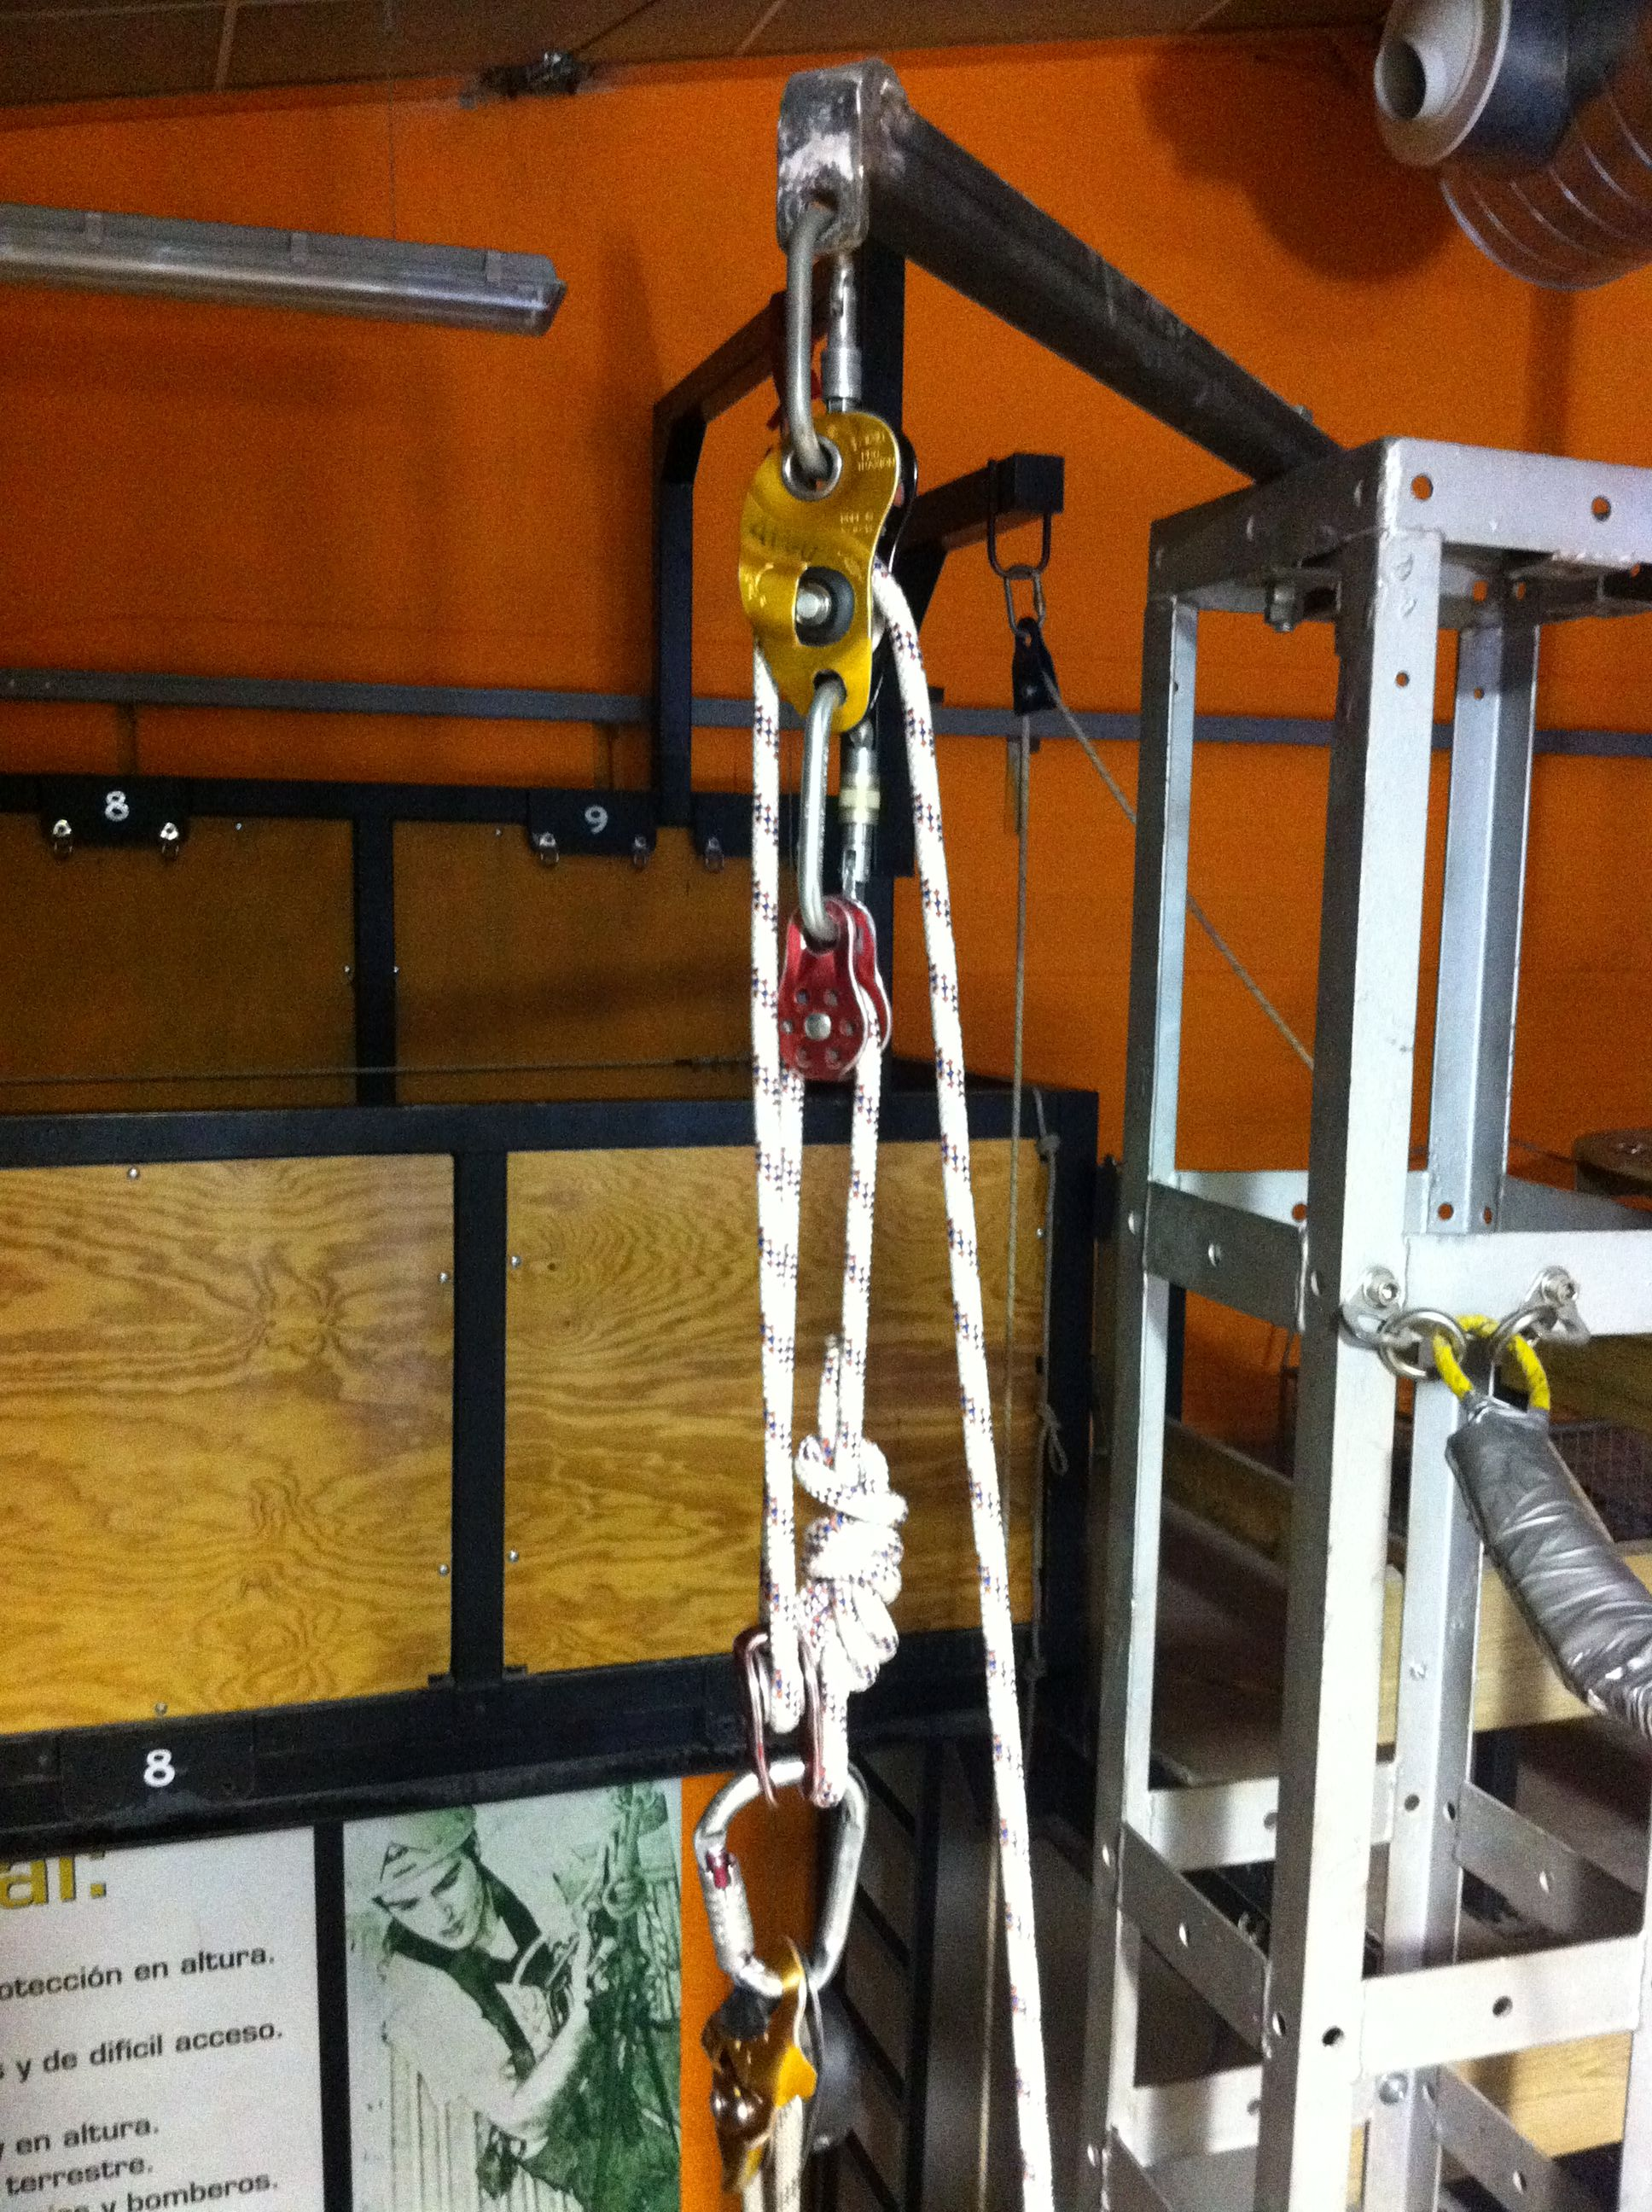 Sistema configurado con polea auto blocante (cabecera) en combinación con dos poleas simples y en el extremo un descendedor con una cuerda.